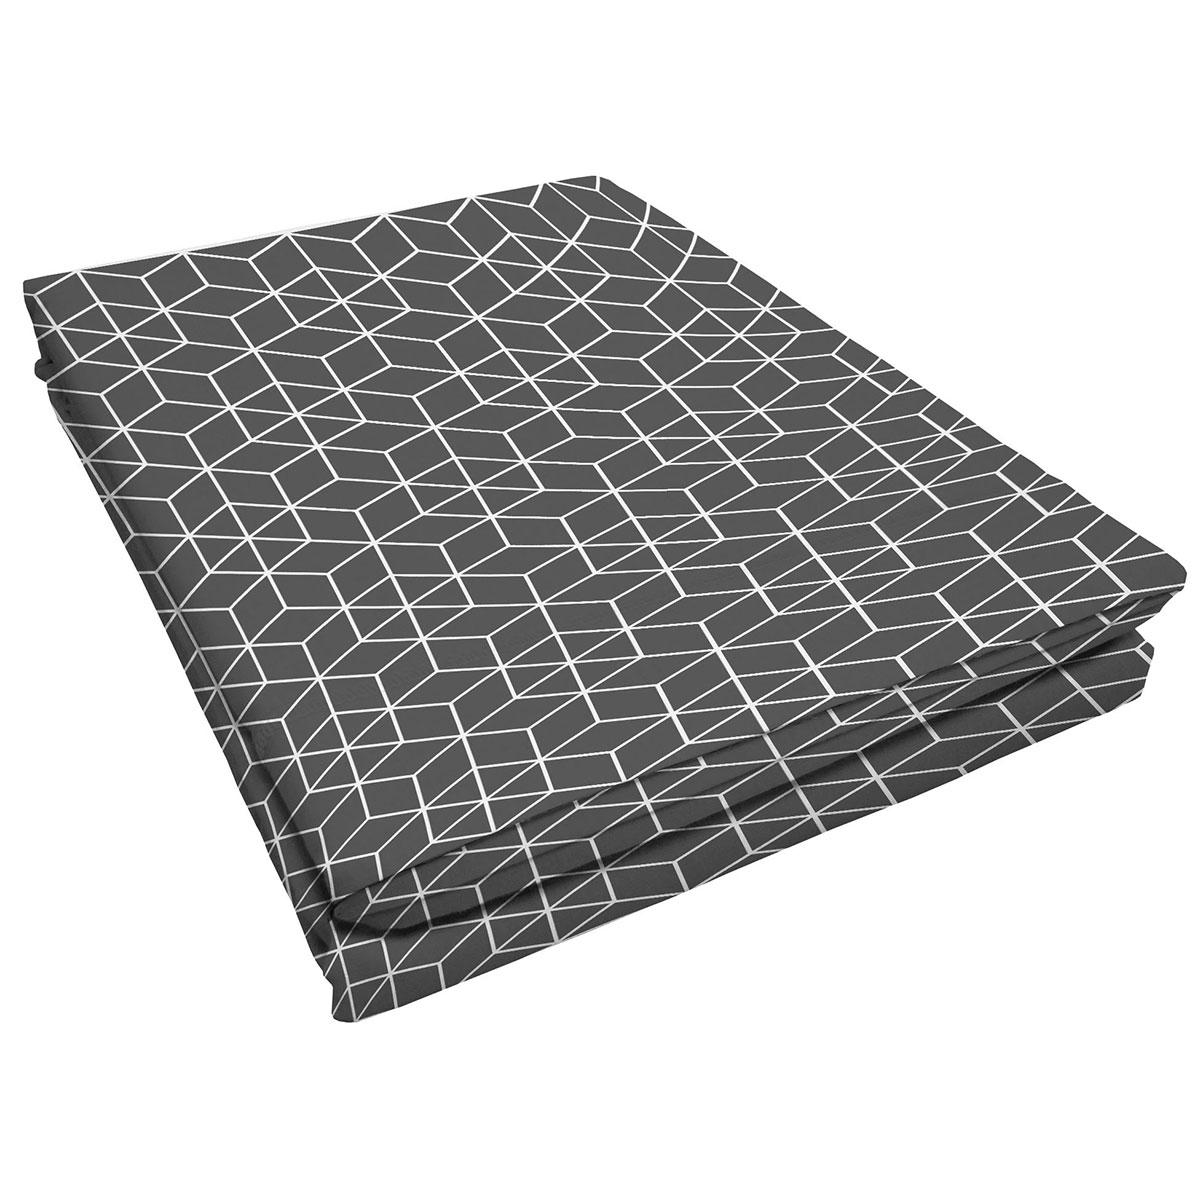 Drap plat à motifs graphiques / une personne coton anthracite 290x180